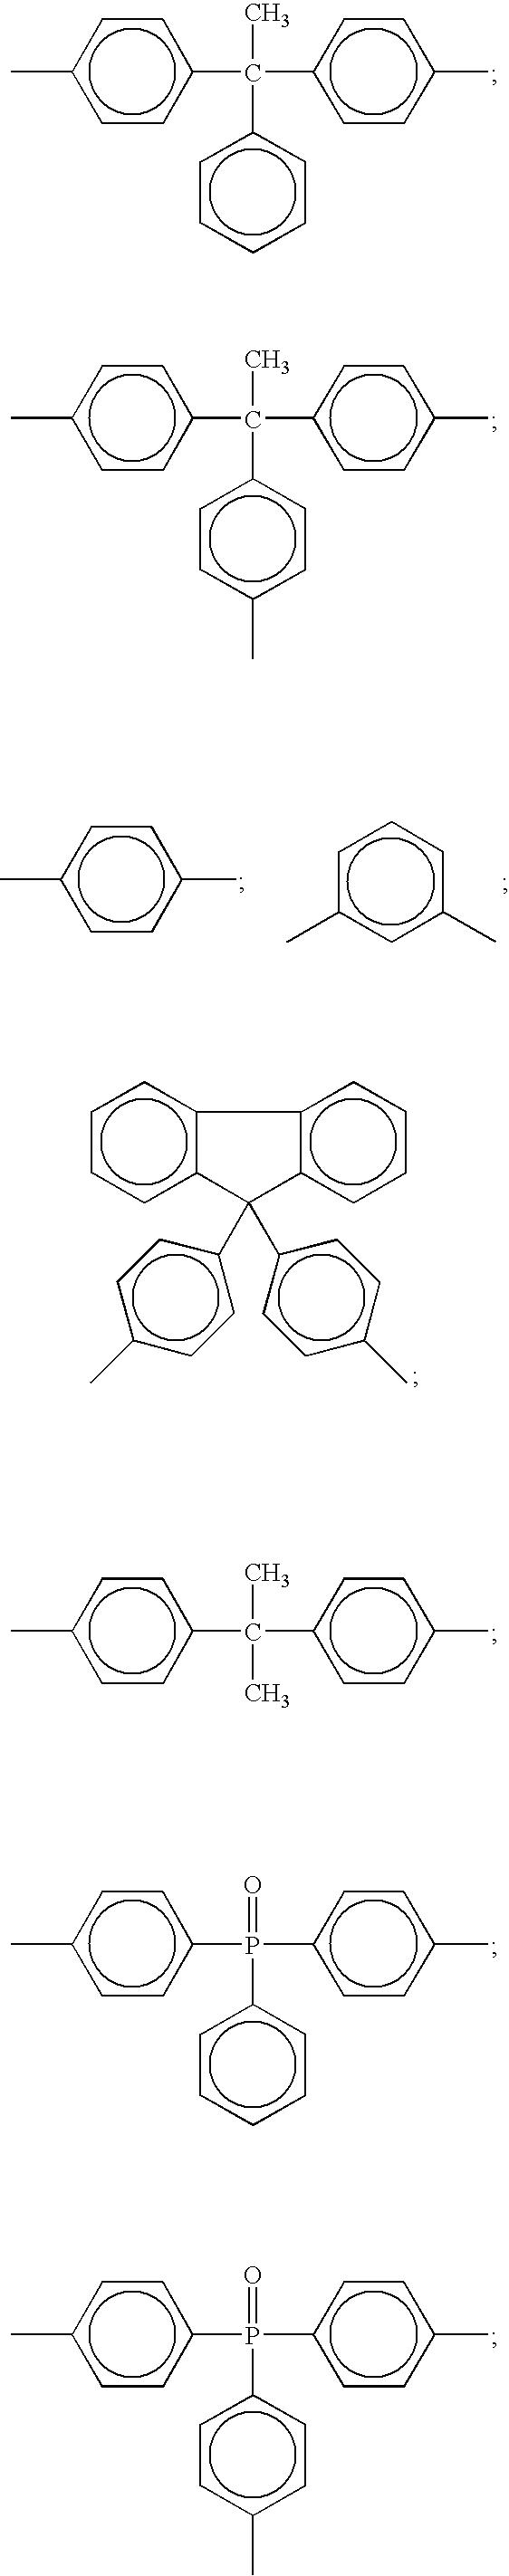 Figure US20070099054A1-20070503-C00007